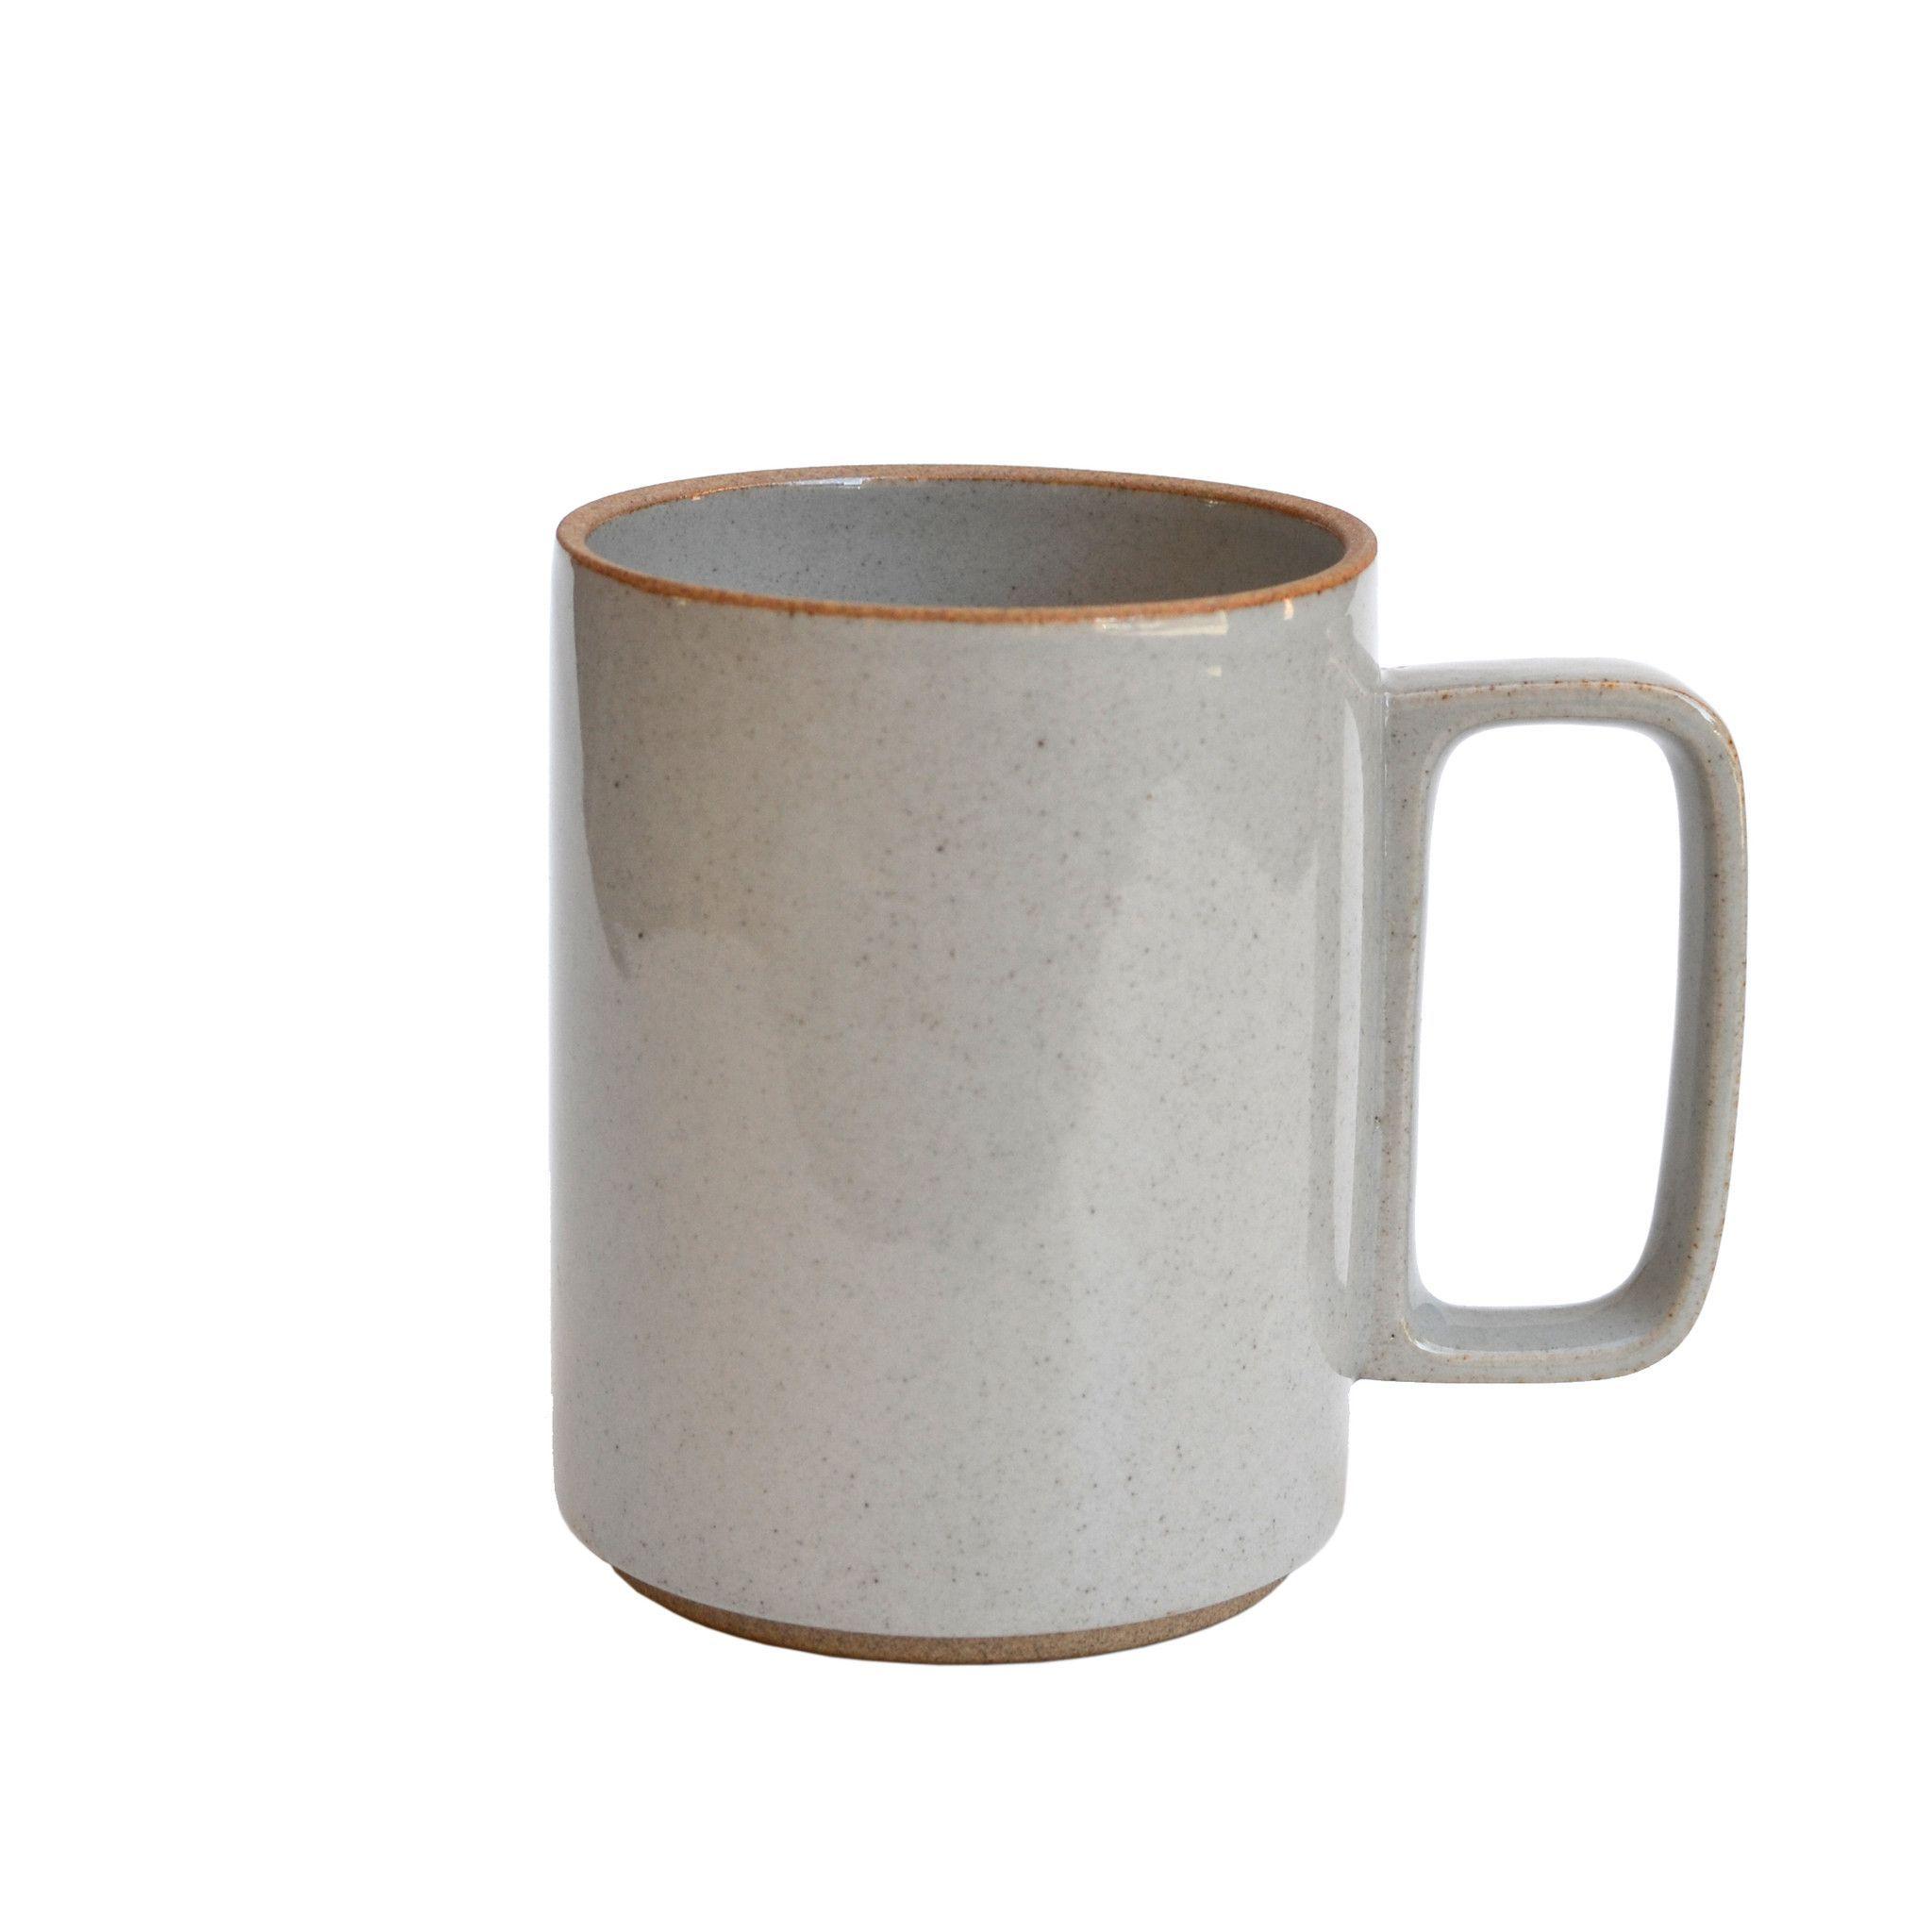 Hasami Gloss Gray Mug Large